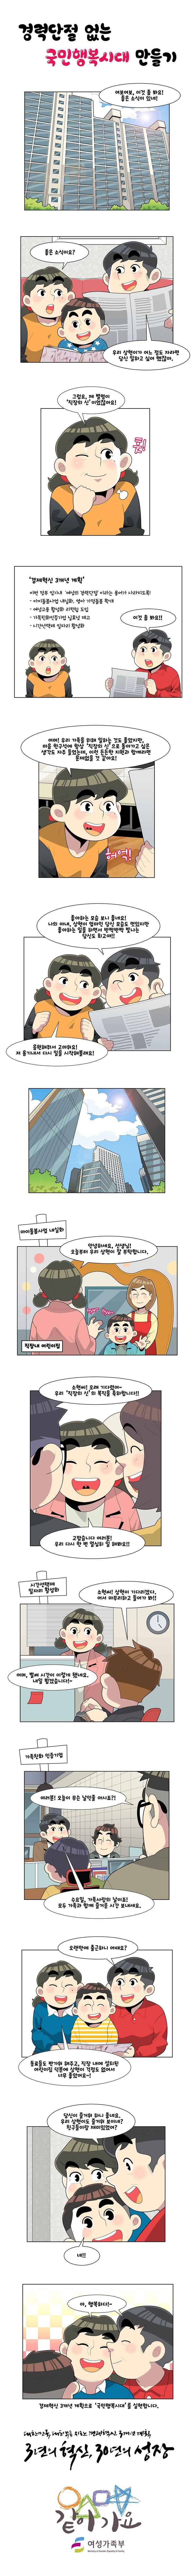 경력단절 없는 국민행복시대 만들기 #여성가족부 #경력단절여성지원